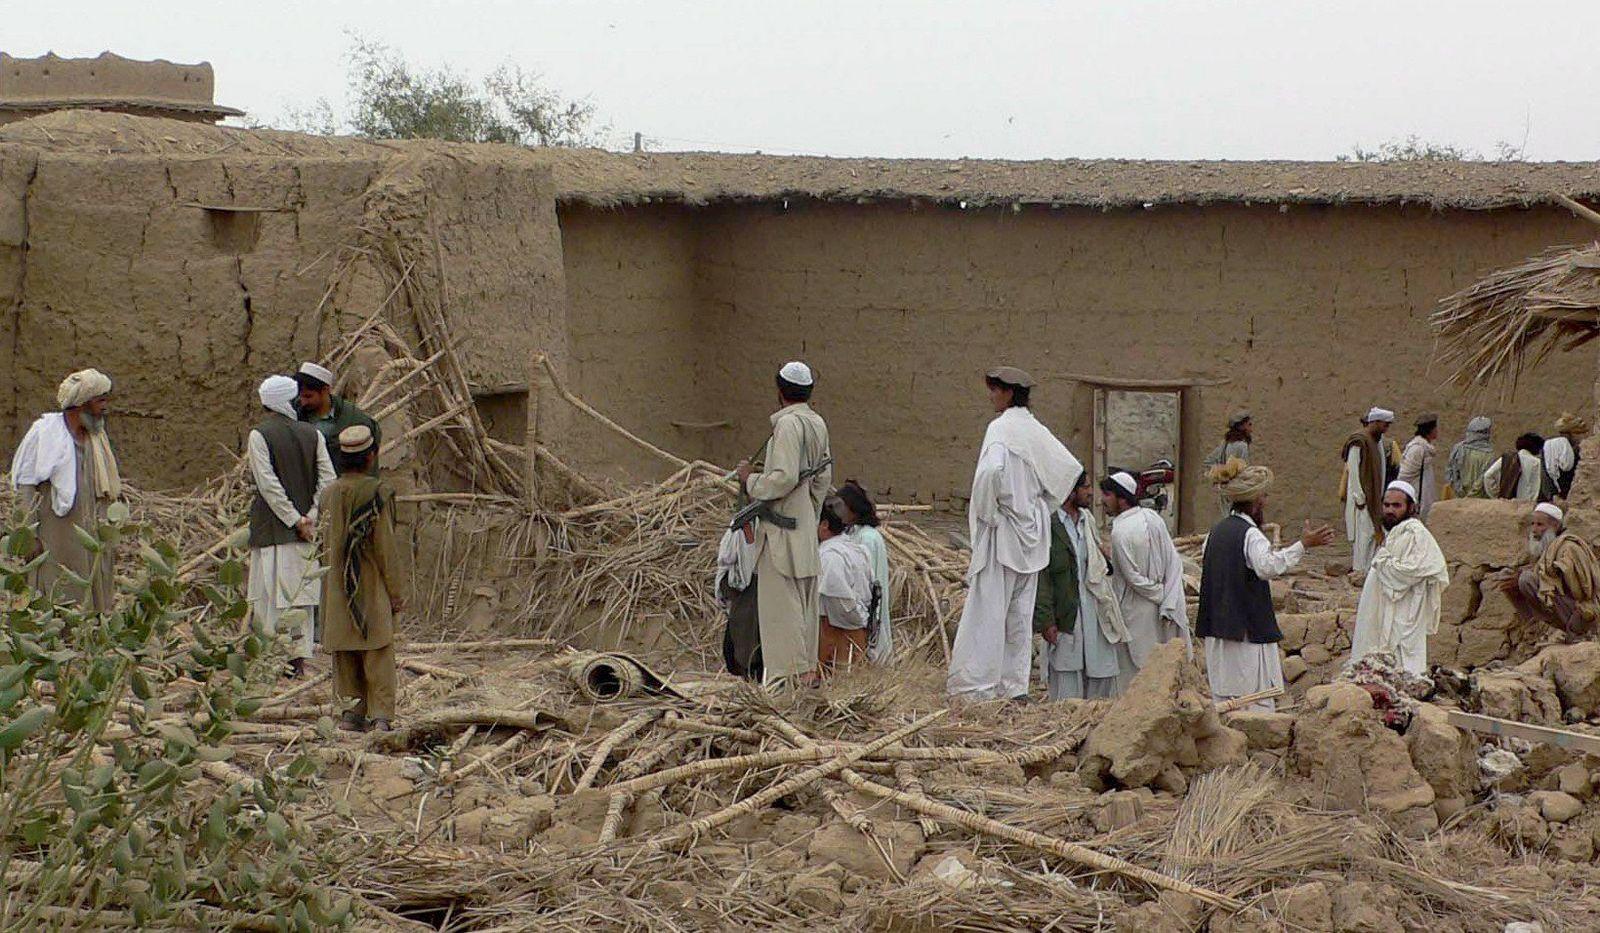 NUR FÜR SPAM Tote bei mutmaßlichem Drohnenangriff der USA in Pakistan